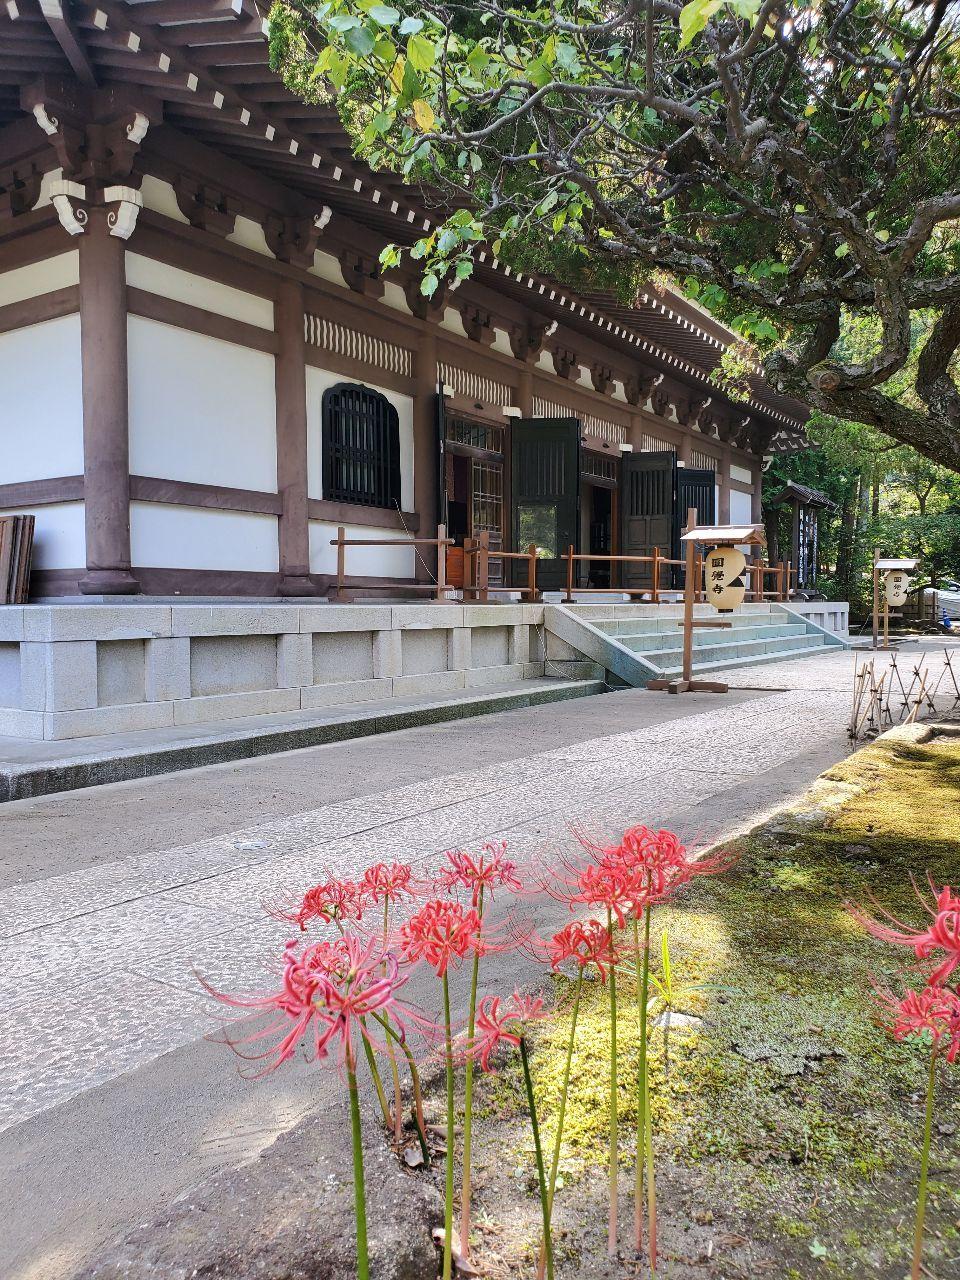 株・夢 & 日常会話、いろいろ 写真は、円覚寺です。